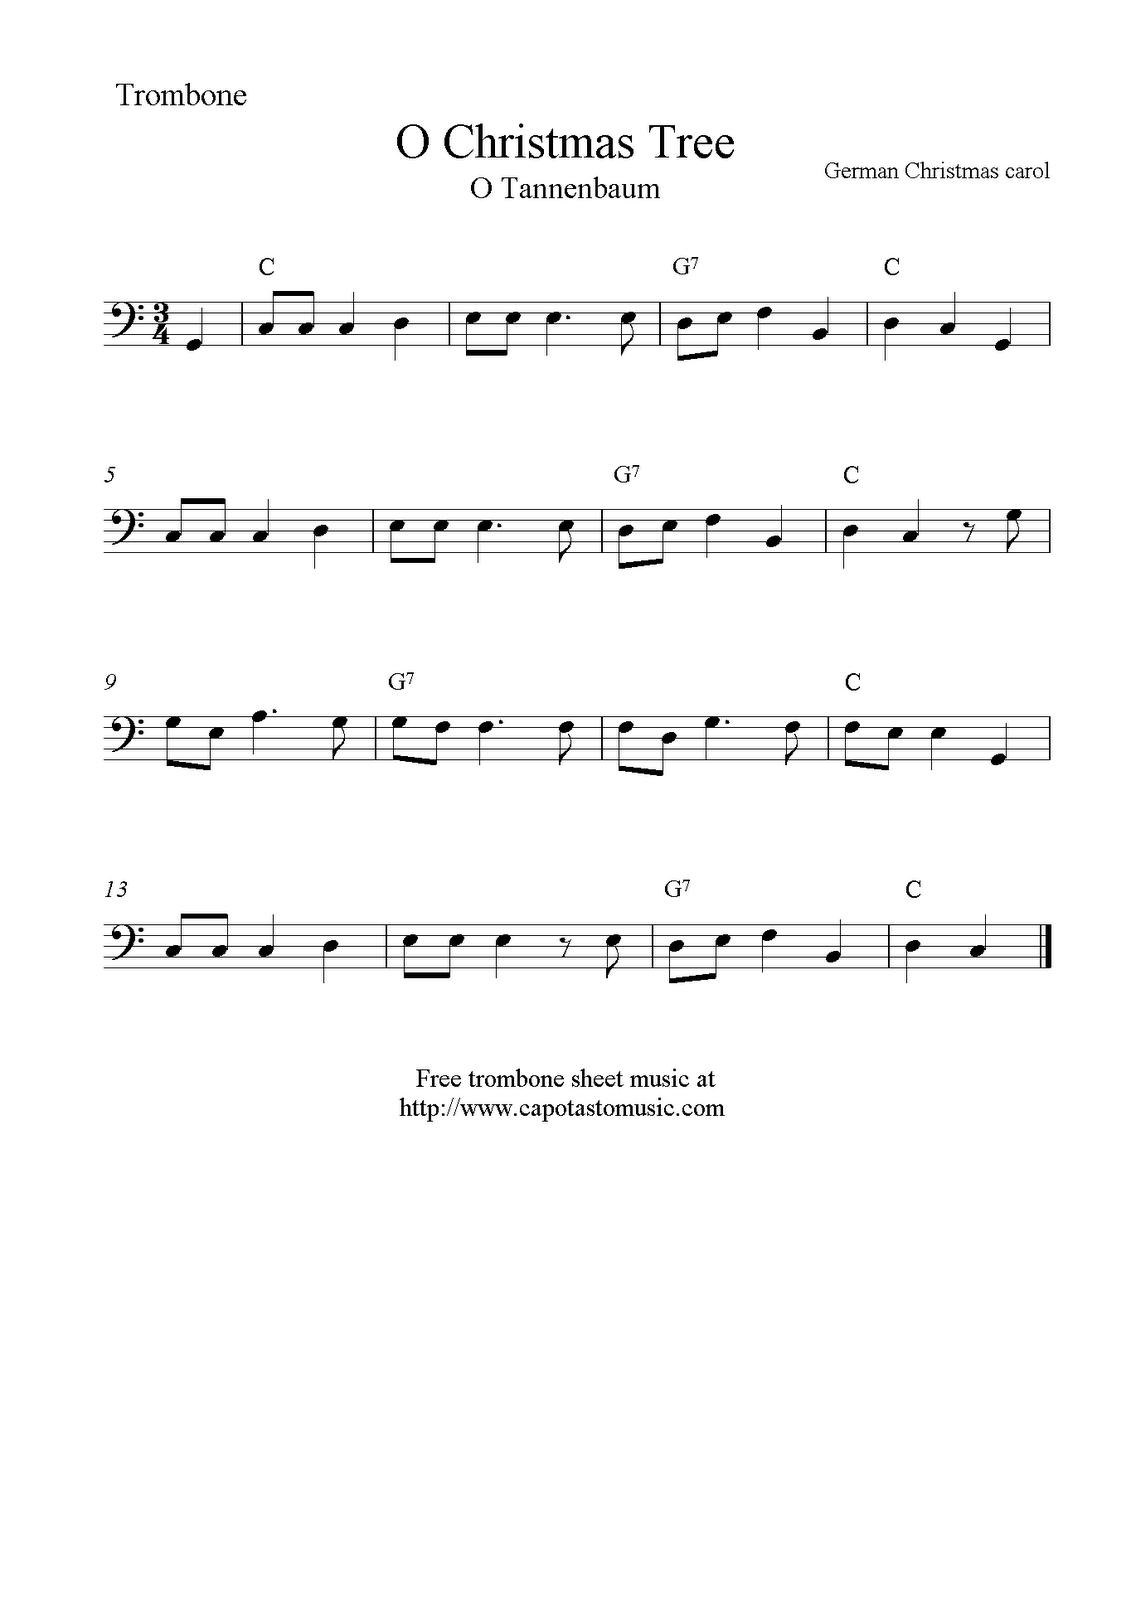 O Christmas Tree (O Tannenbaum), Free Christmas Trombone Sheet Music - Trombone Christmas Sheet Music Free Printable